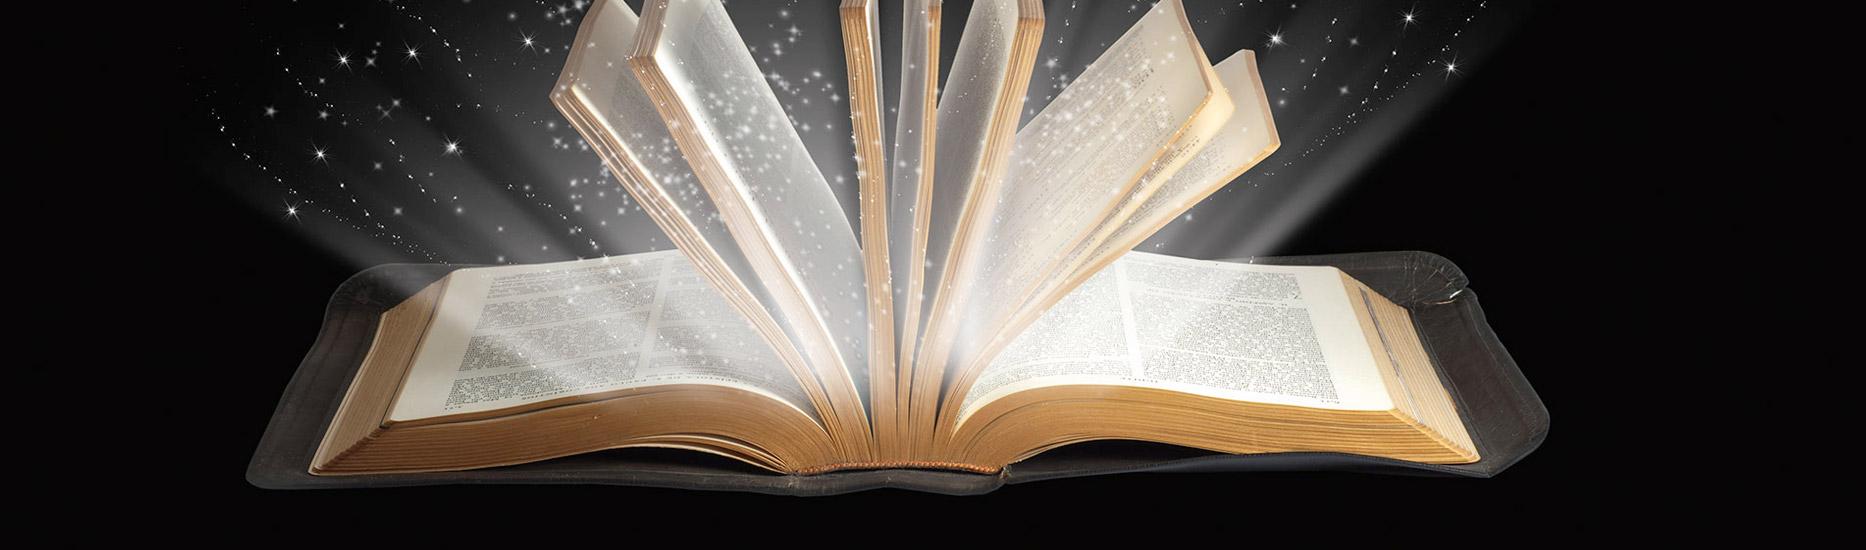 Das erstaunlichste Buch der Welt